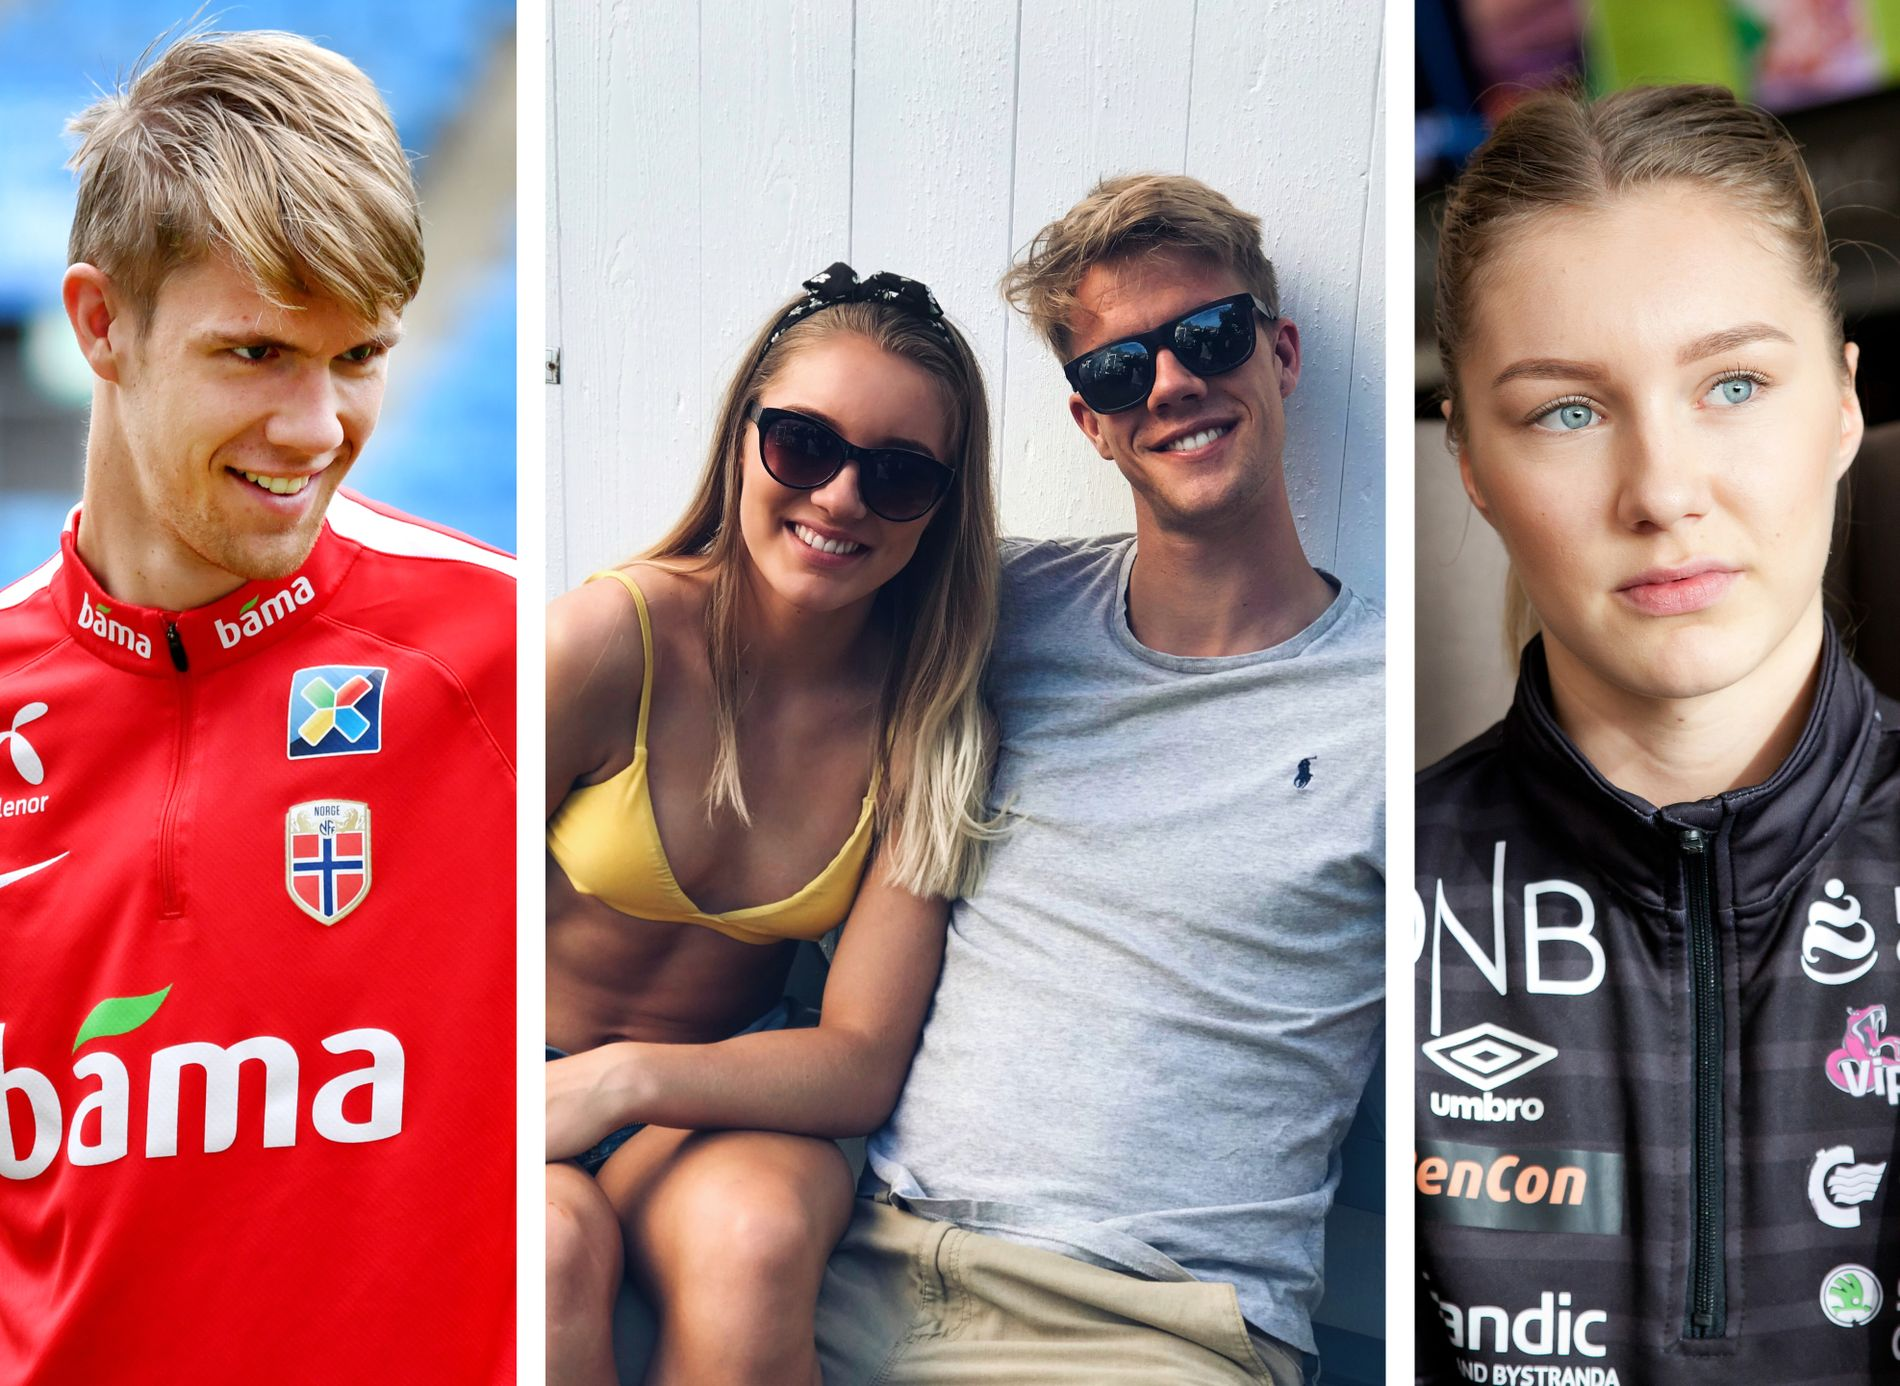 KJÆRESTER: Fotballandslagets midtstopper Kristoffer Ajer (t.v.) og Vipers-spiller Karoline Olsen.